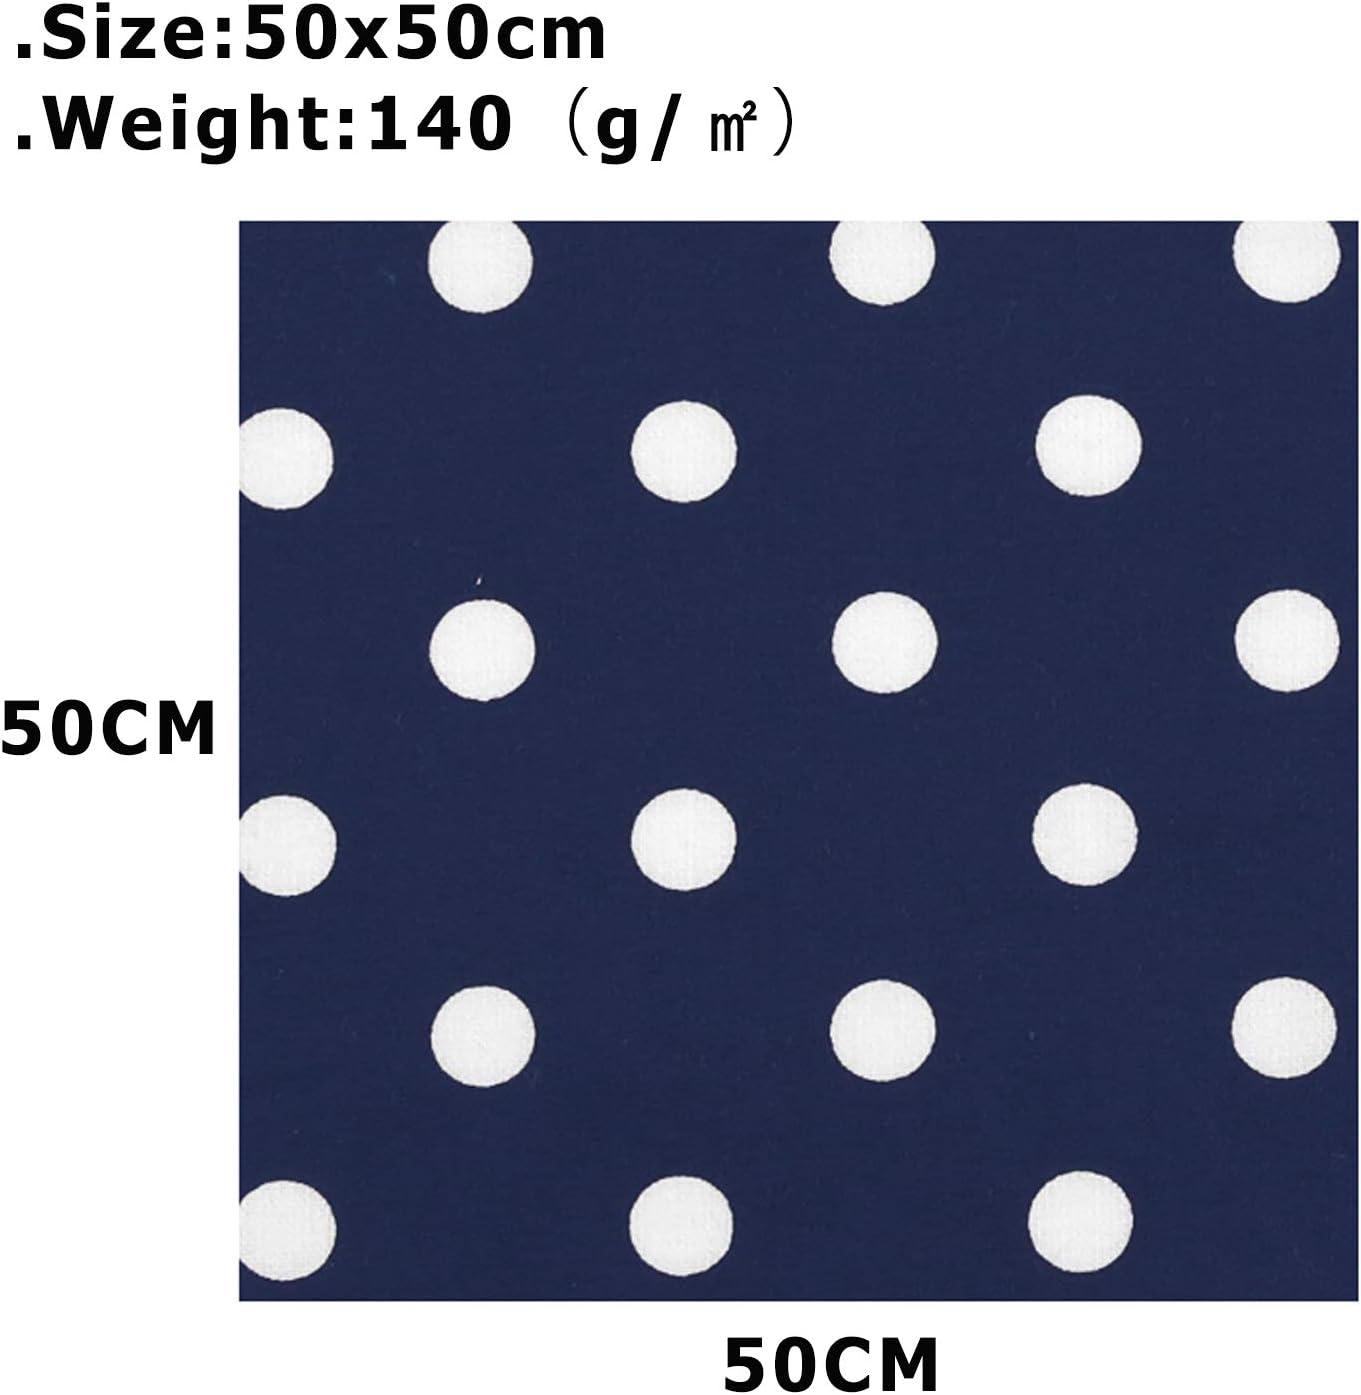 20 St/ück Metallstreifen 40 Meter Gummiband Unterschiedliche Muster Baumwollgewebe Stoffpakete f/ür n/ähstoffe DIY Stoff,Grau Travistar 7 St/ück 50 x 50cm Baumwollstoff Patchwork Stoffe Baumwolle